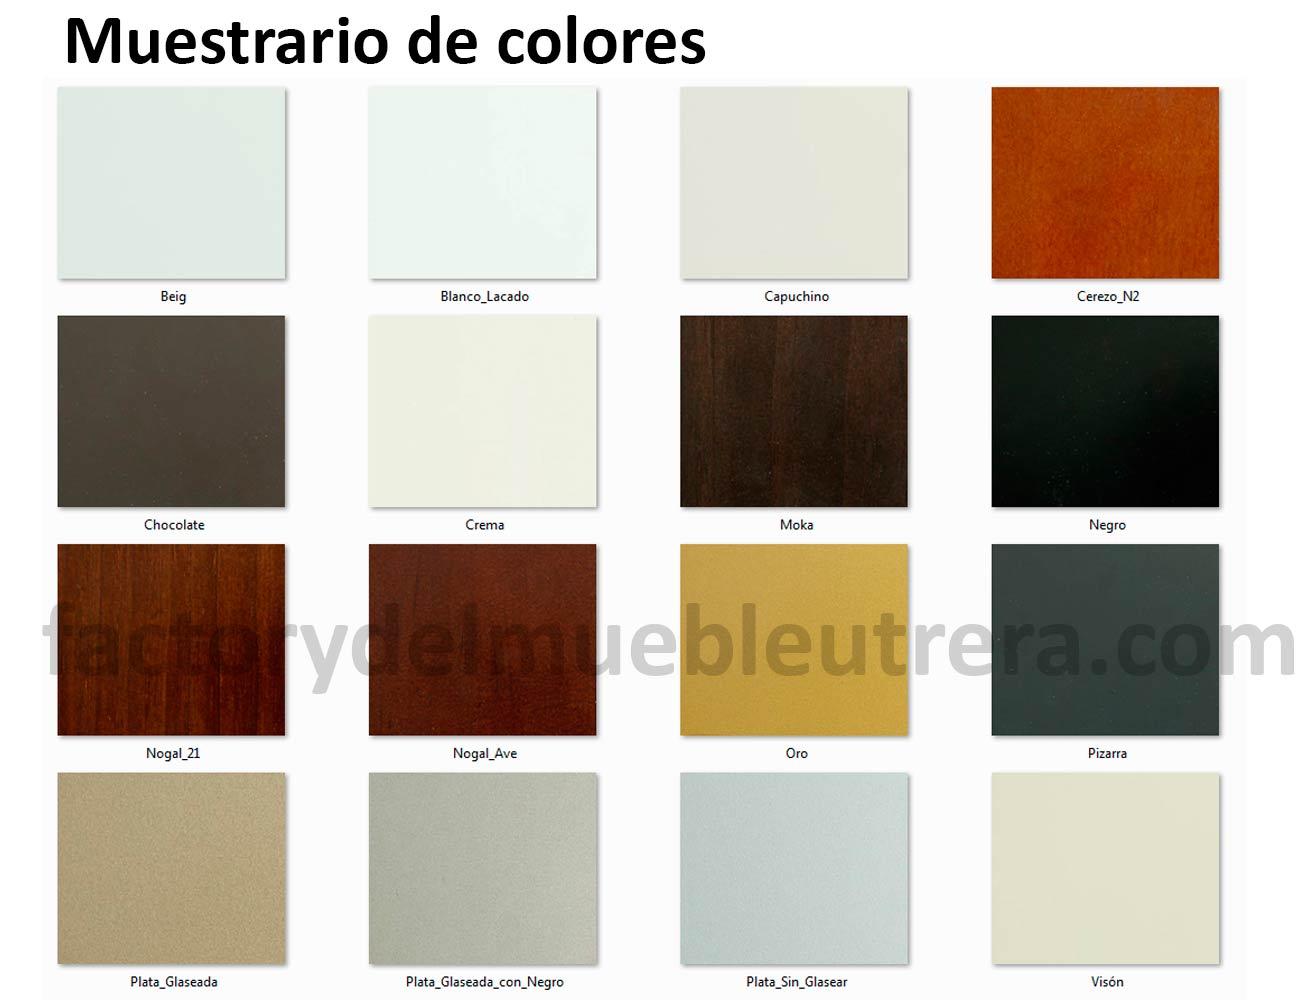 Colores web nueva95